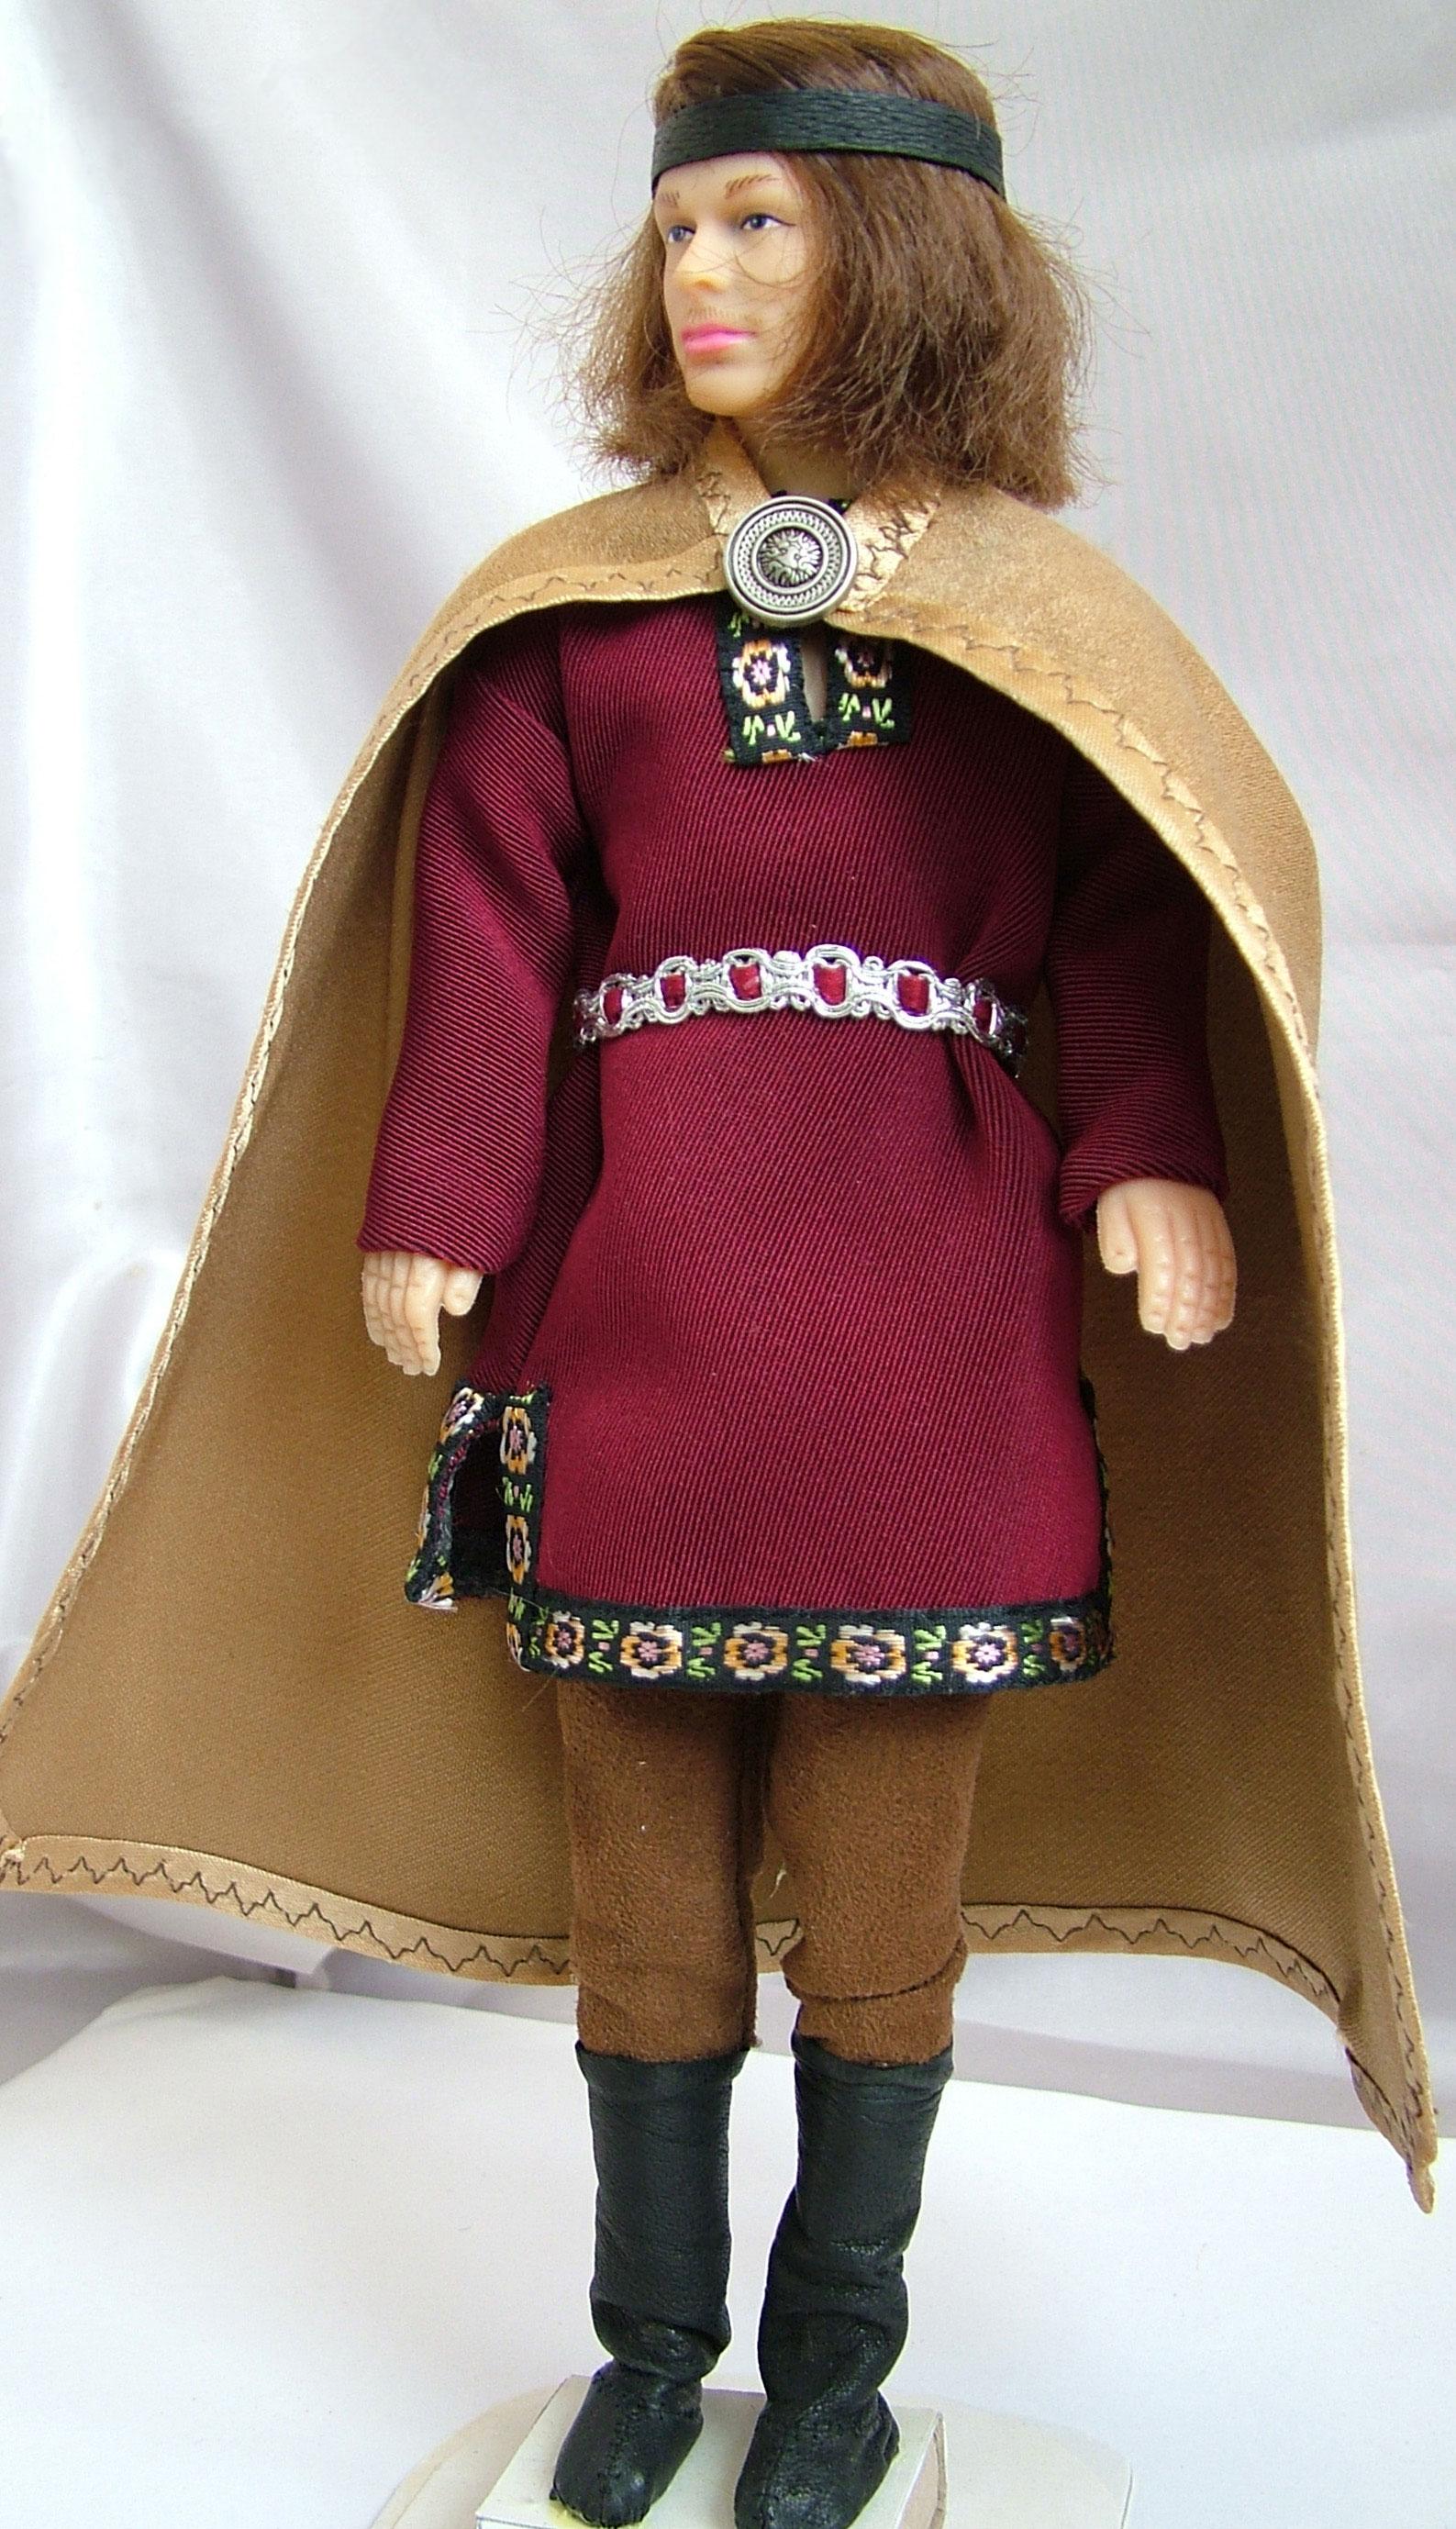 мужской костюм средневековья картинки